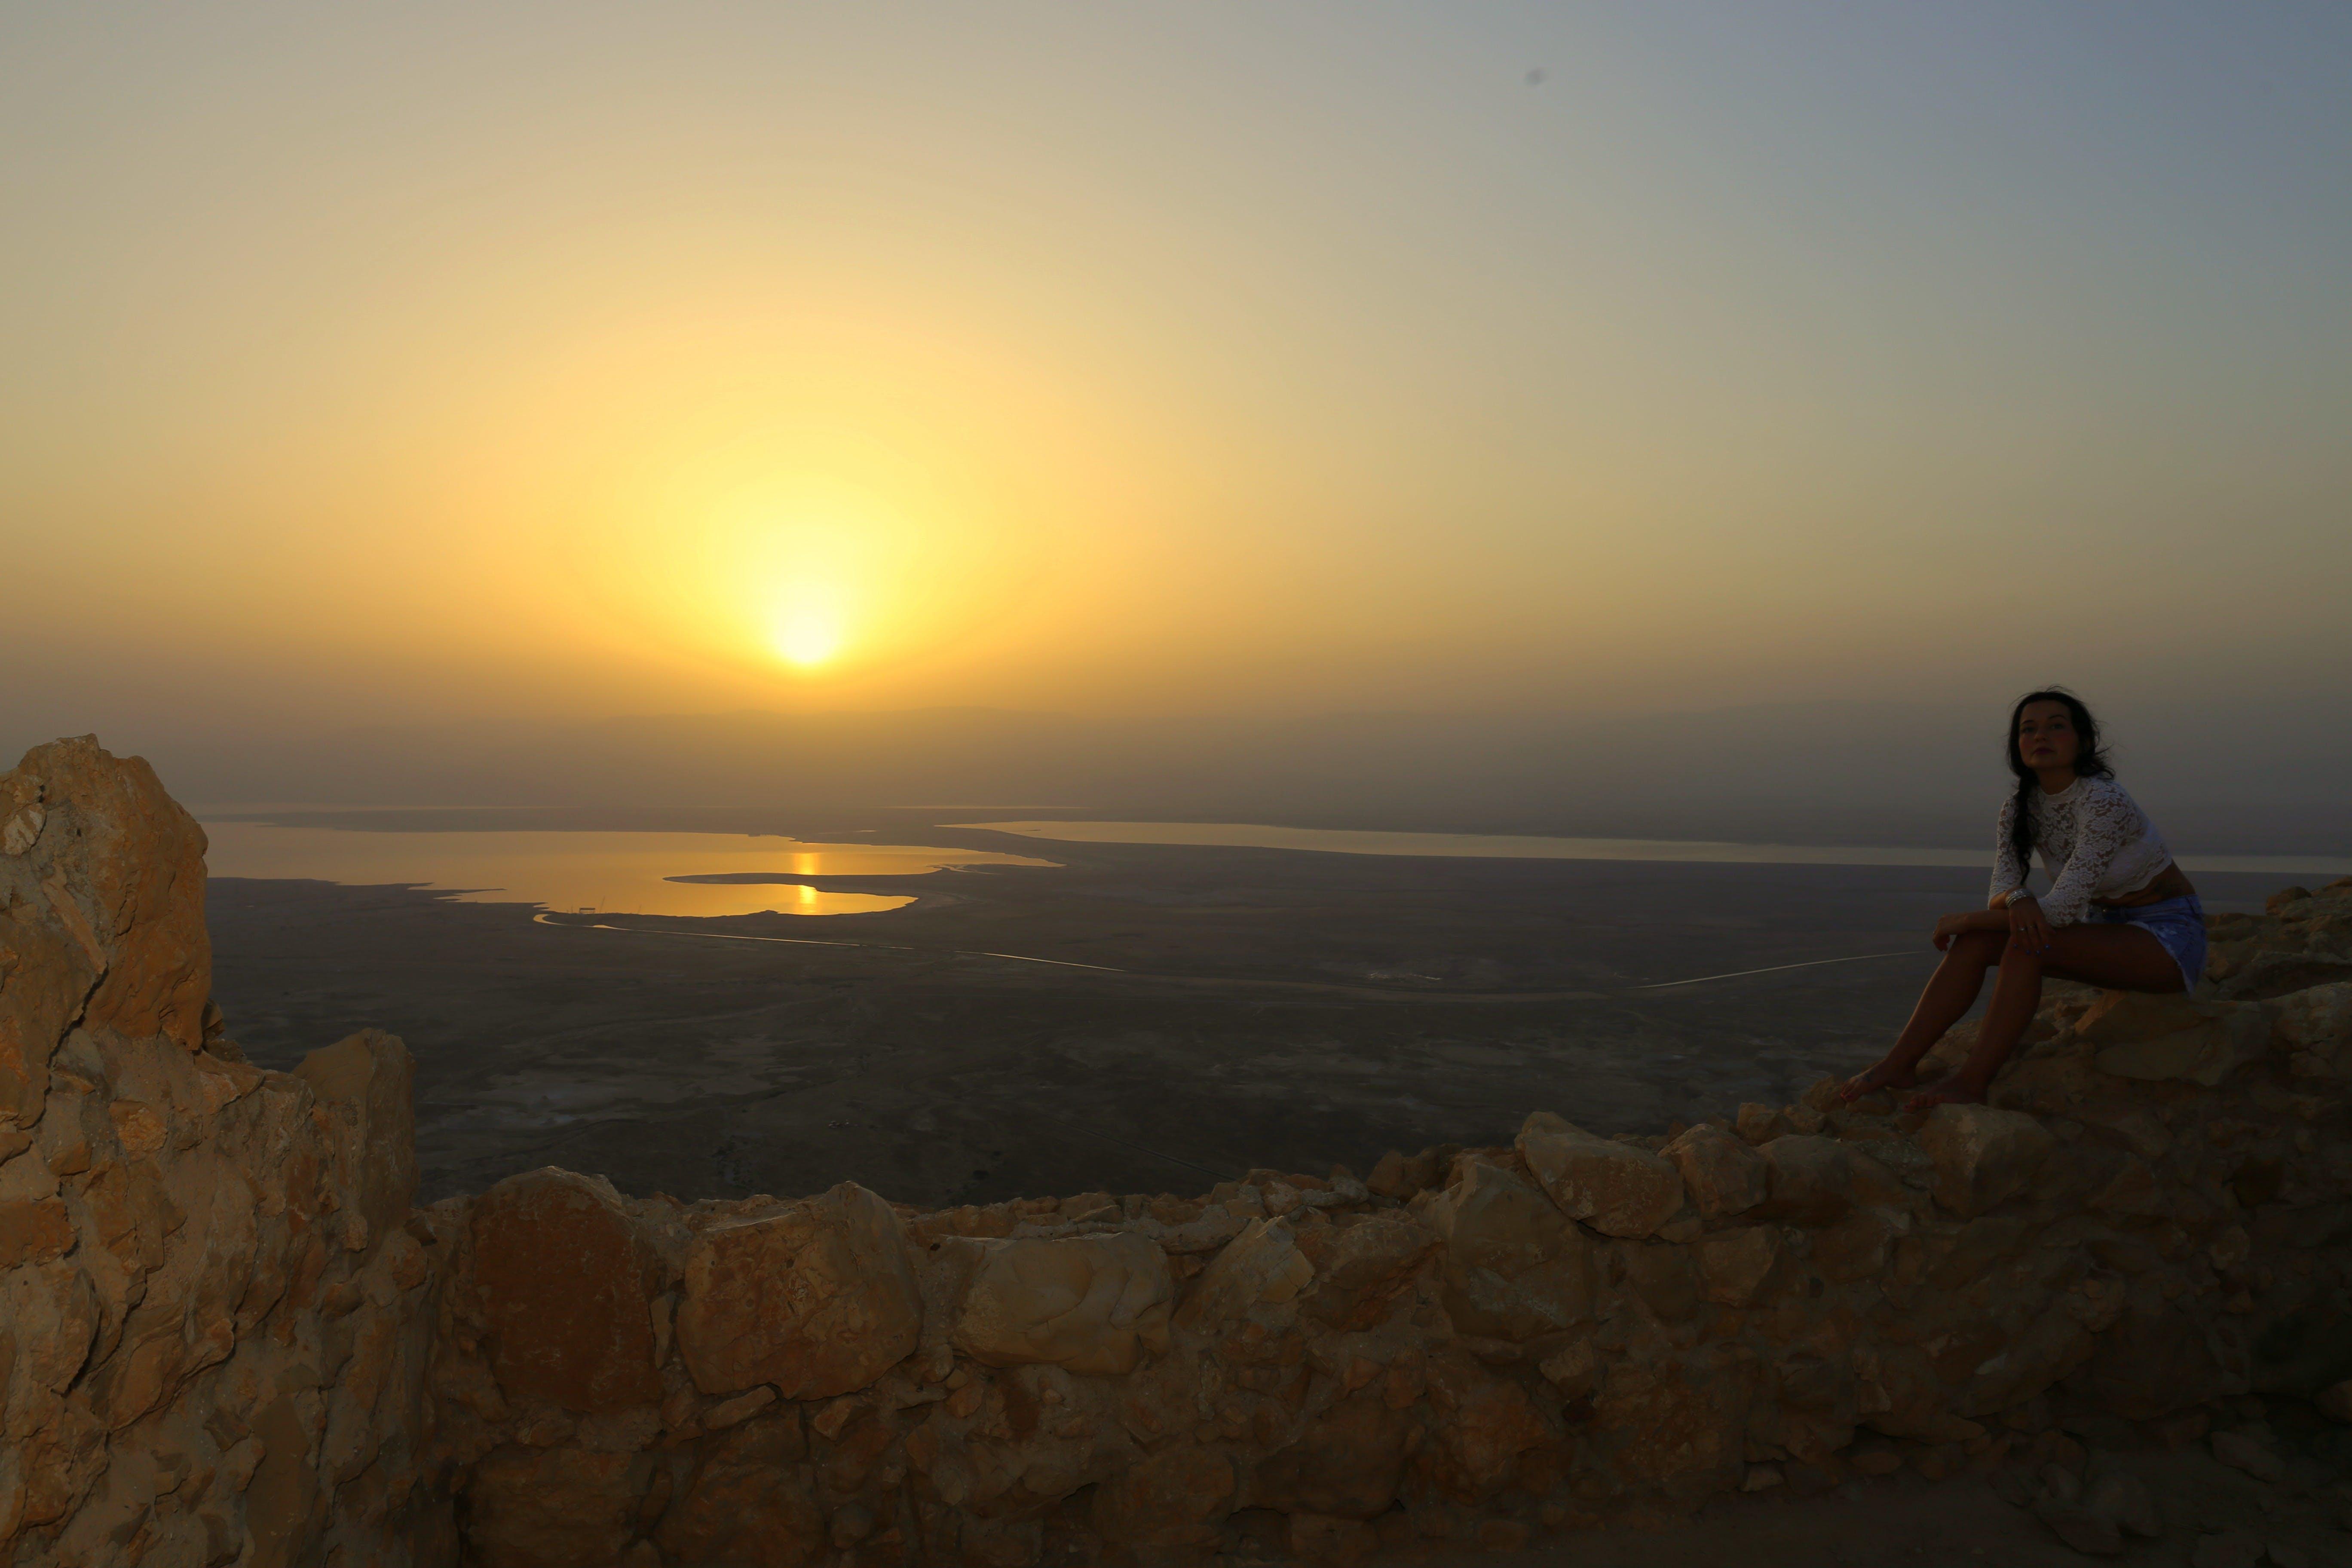 Salir de la ciudad,Excursiones de un día,Excursión a Masada,Excursión a Mar Muerto